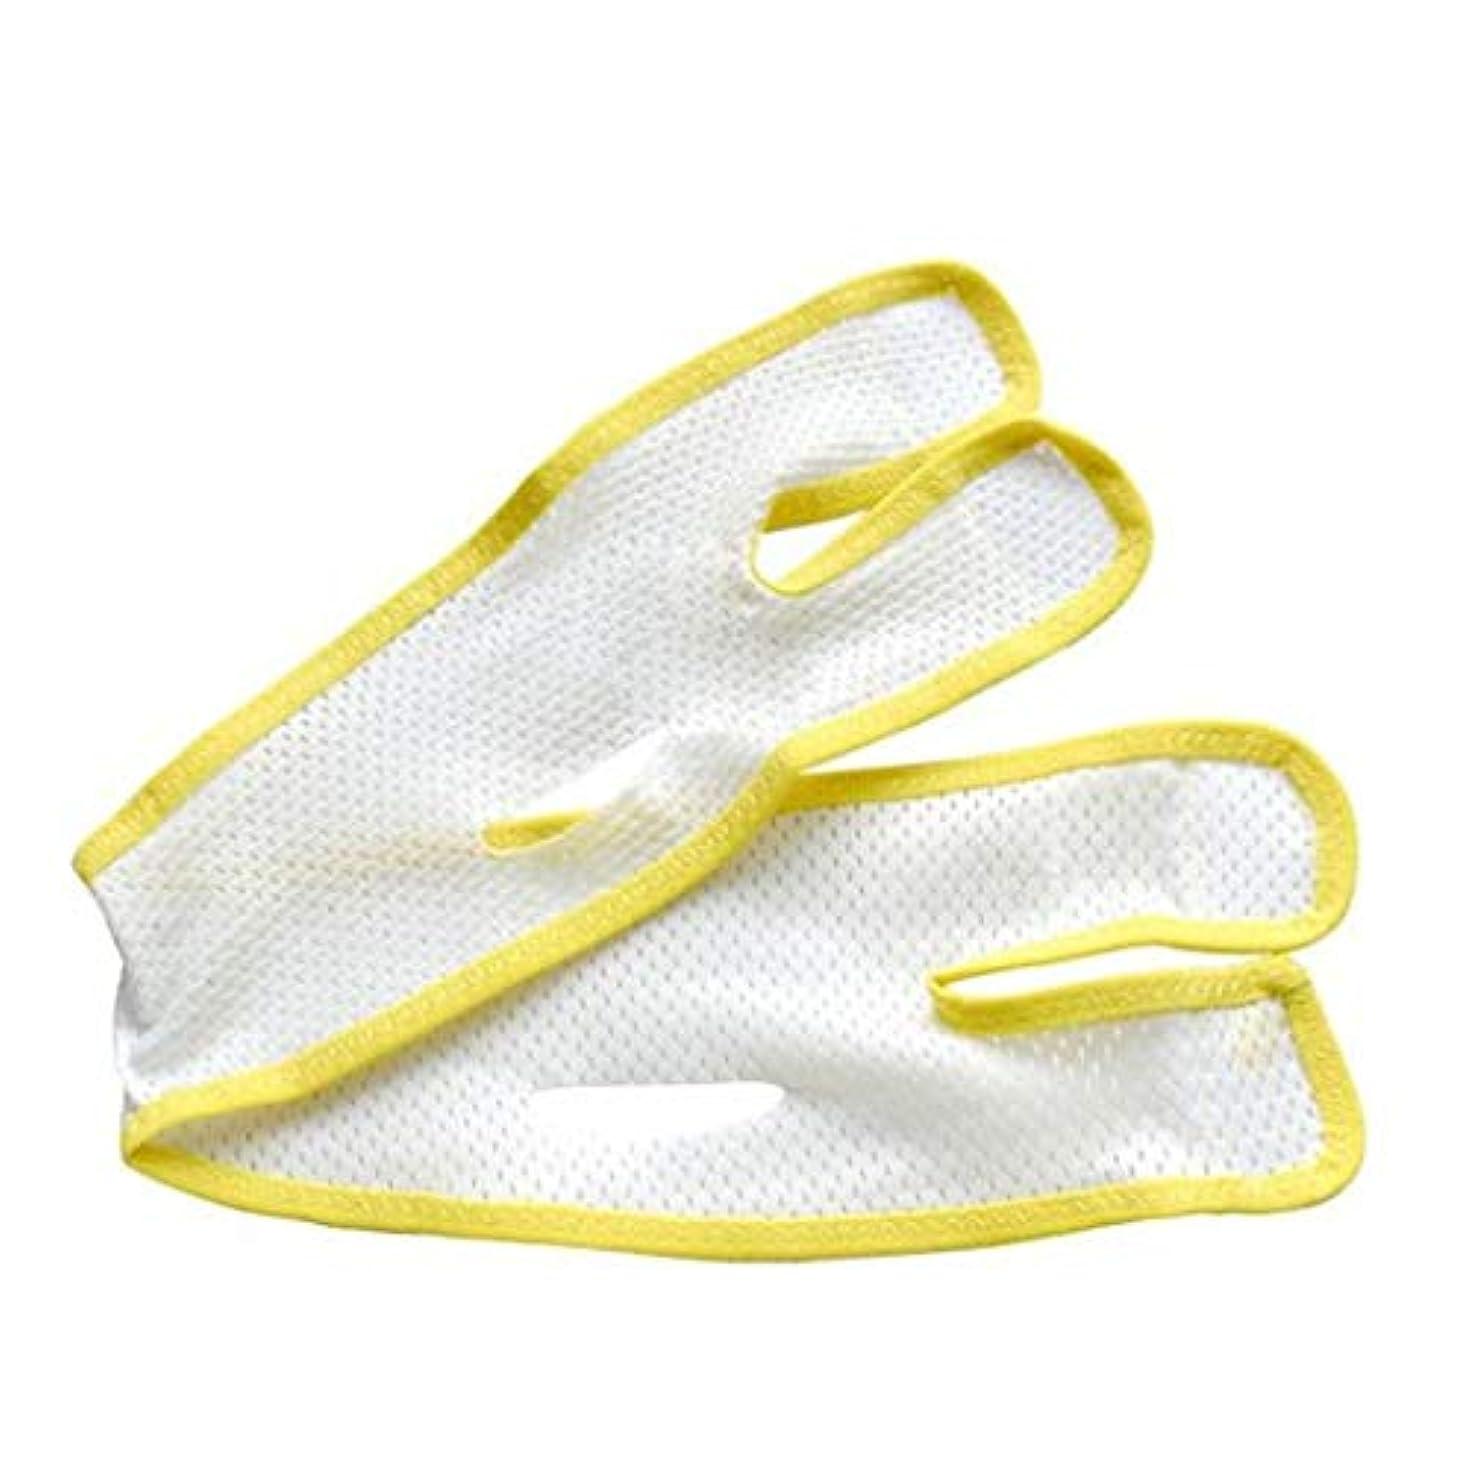 支配する居眠りするドル通気性フェイスマスク - Vフェイスアーティファクト - 二重あご包帯を引き締める引き締め